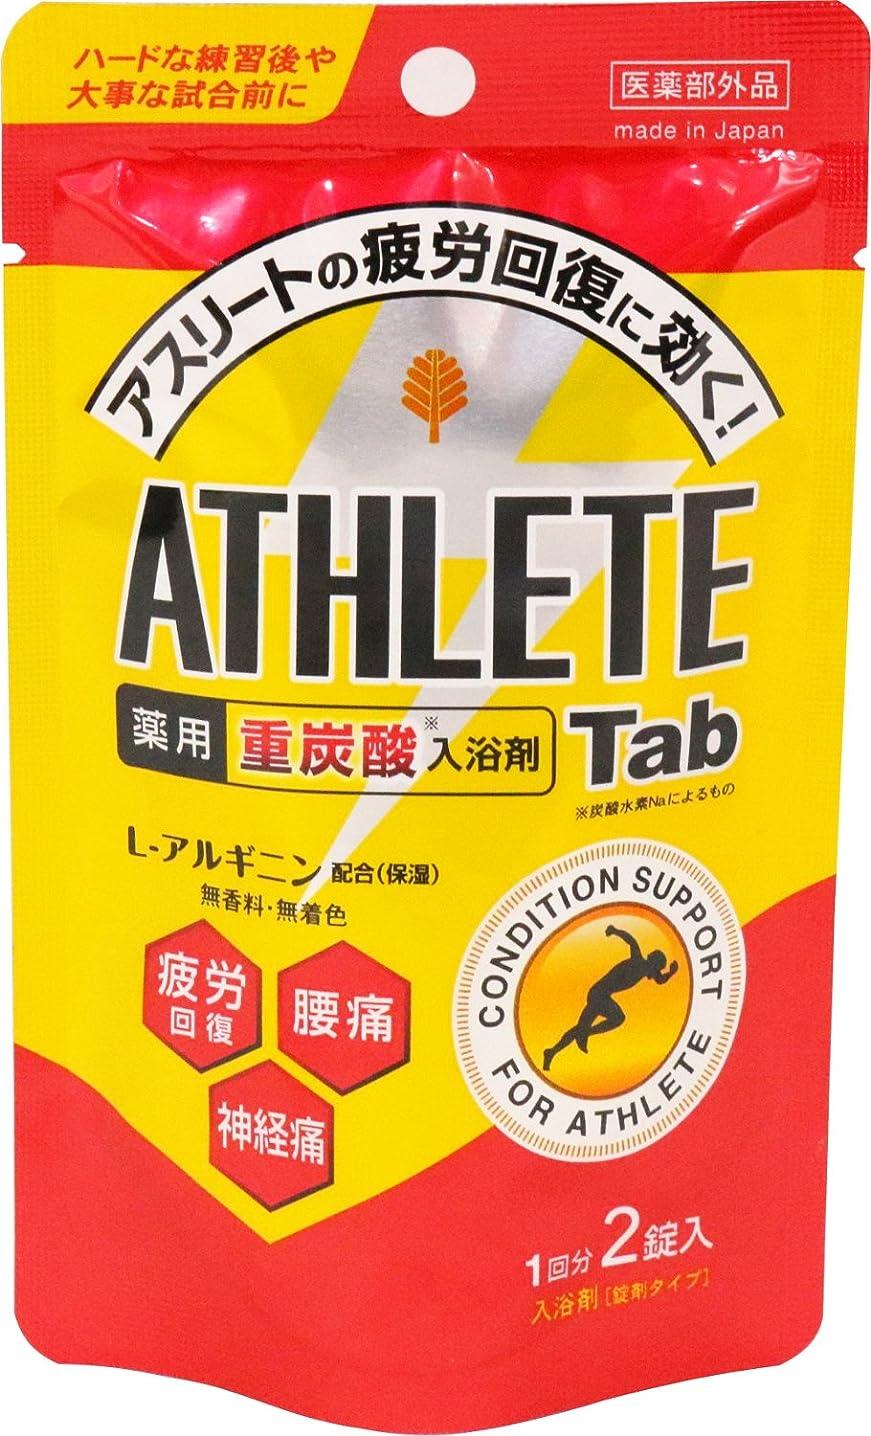 ファイアル彼らのものオプショナル紀陽除虫菊 薬用 アスリートタブ 1回分 入浴剤 2錠